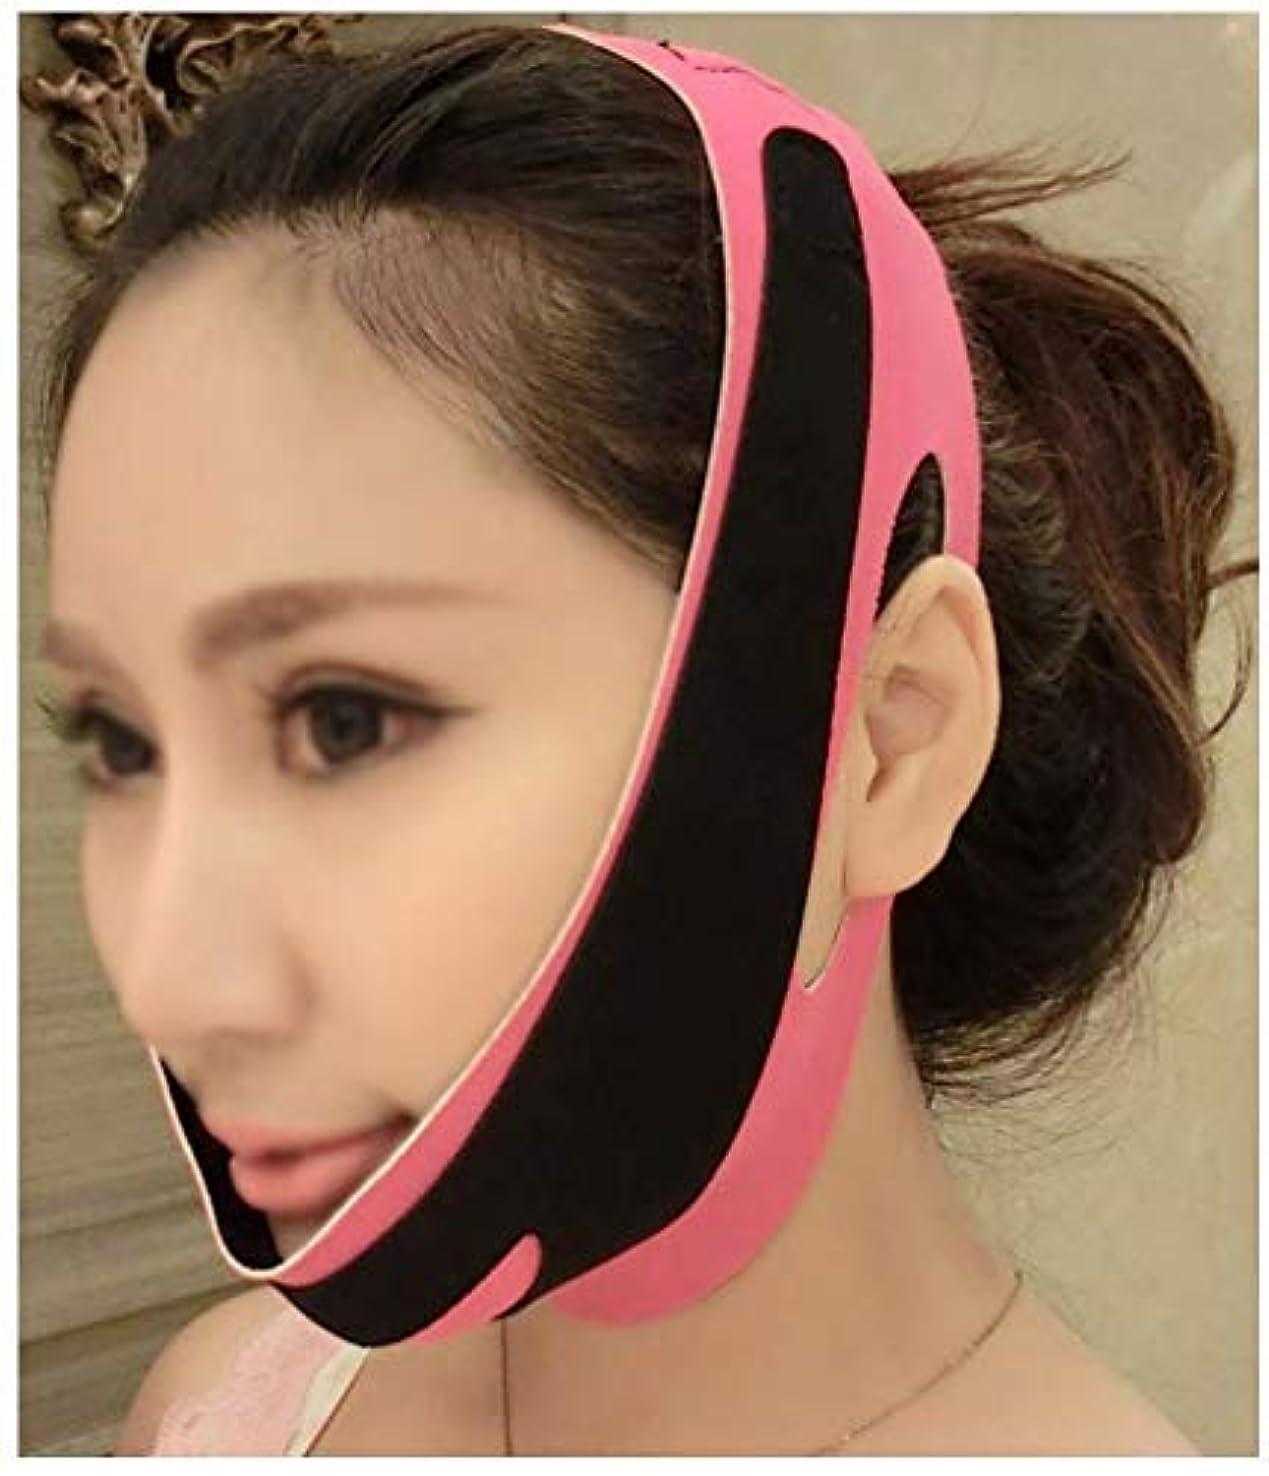 日焼け知覚緩める美しさと実用的な薄い顔の包帯の顔スリムスリムダブルチンを取り除くVラインの顔の形を作成チン頬は女性と女の子のためのアンチリンクルリフティングベルトフェイスマッサージツールを持ち上げます(3フェイスバンデージ)